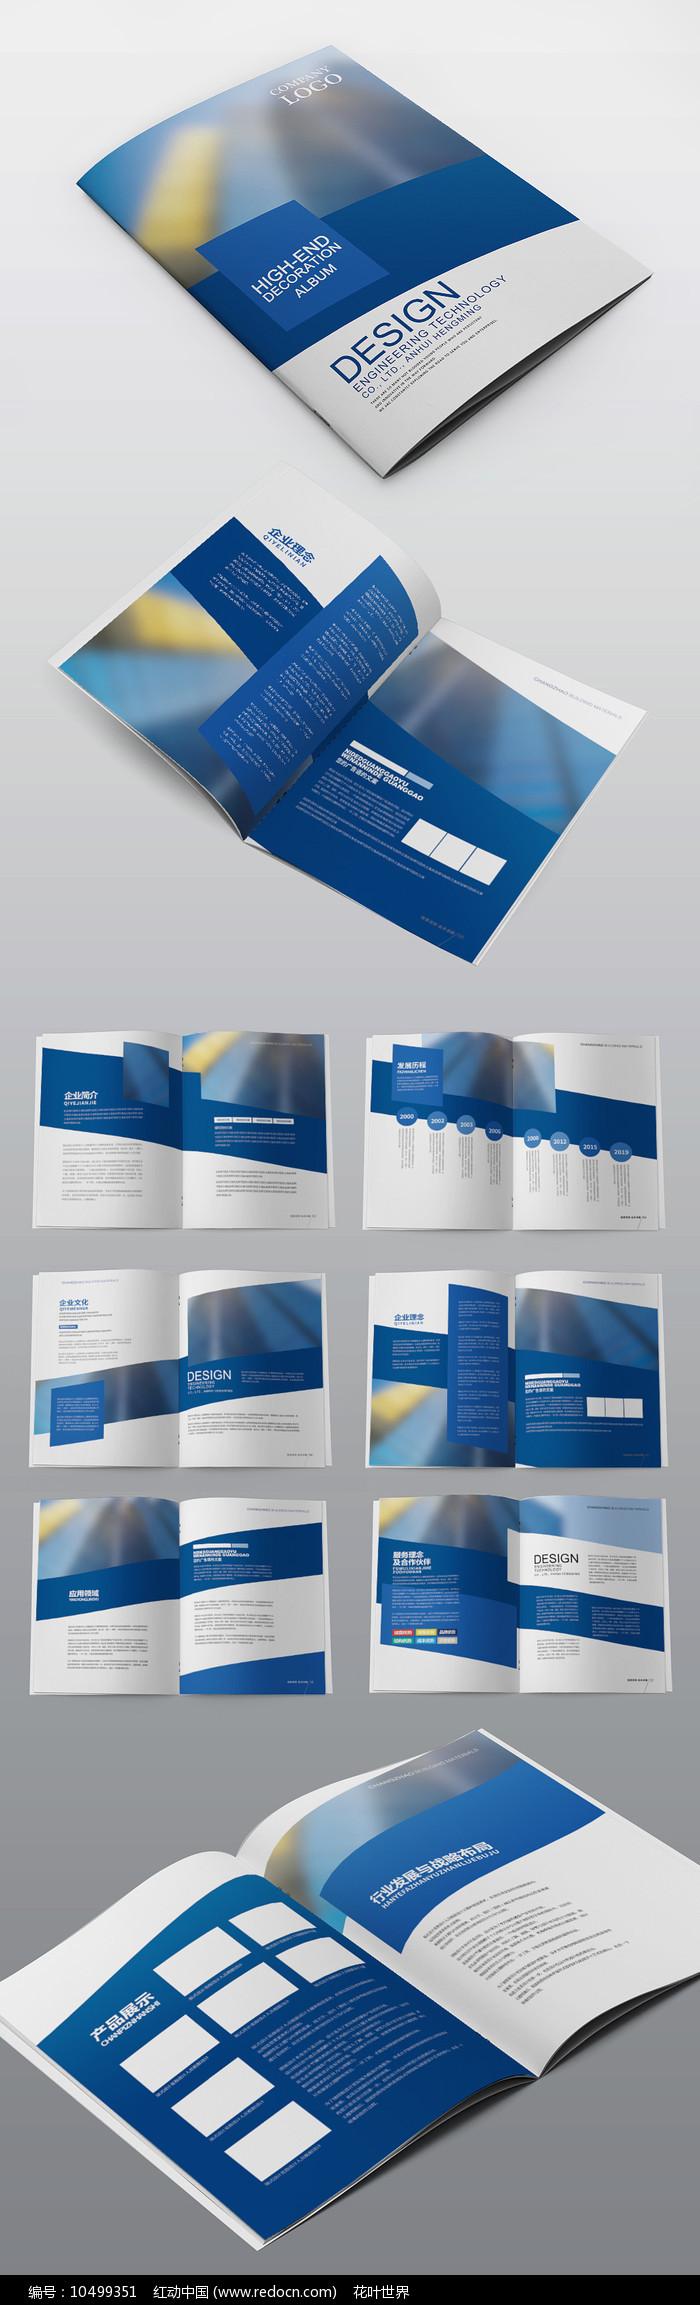 蓝色简约商务企业宣传画册图片